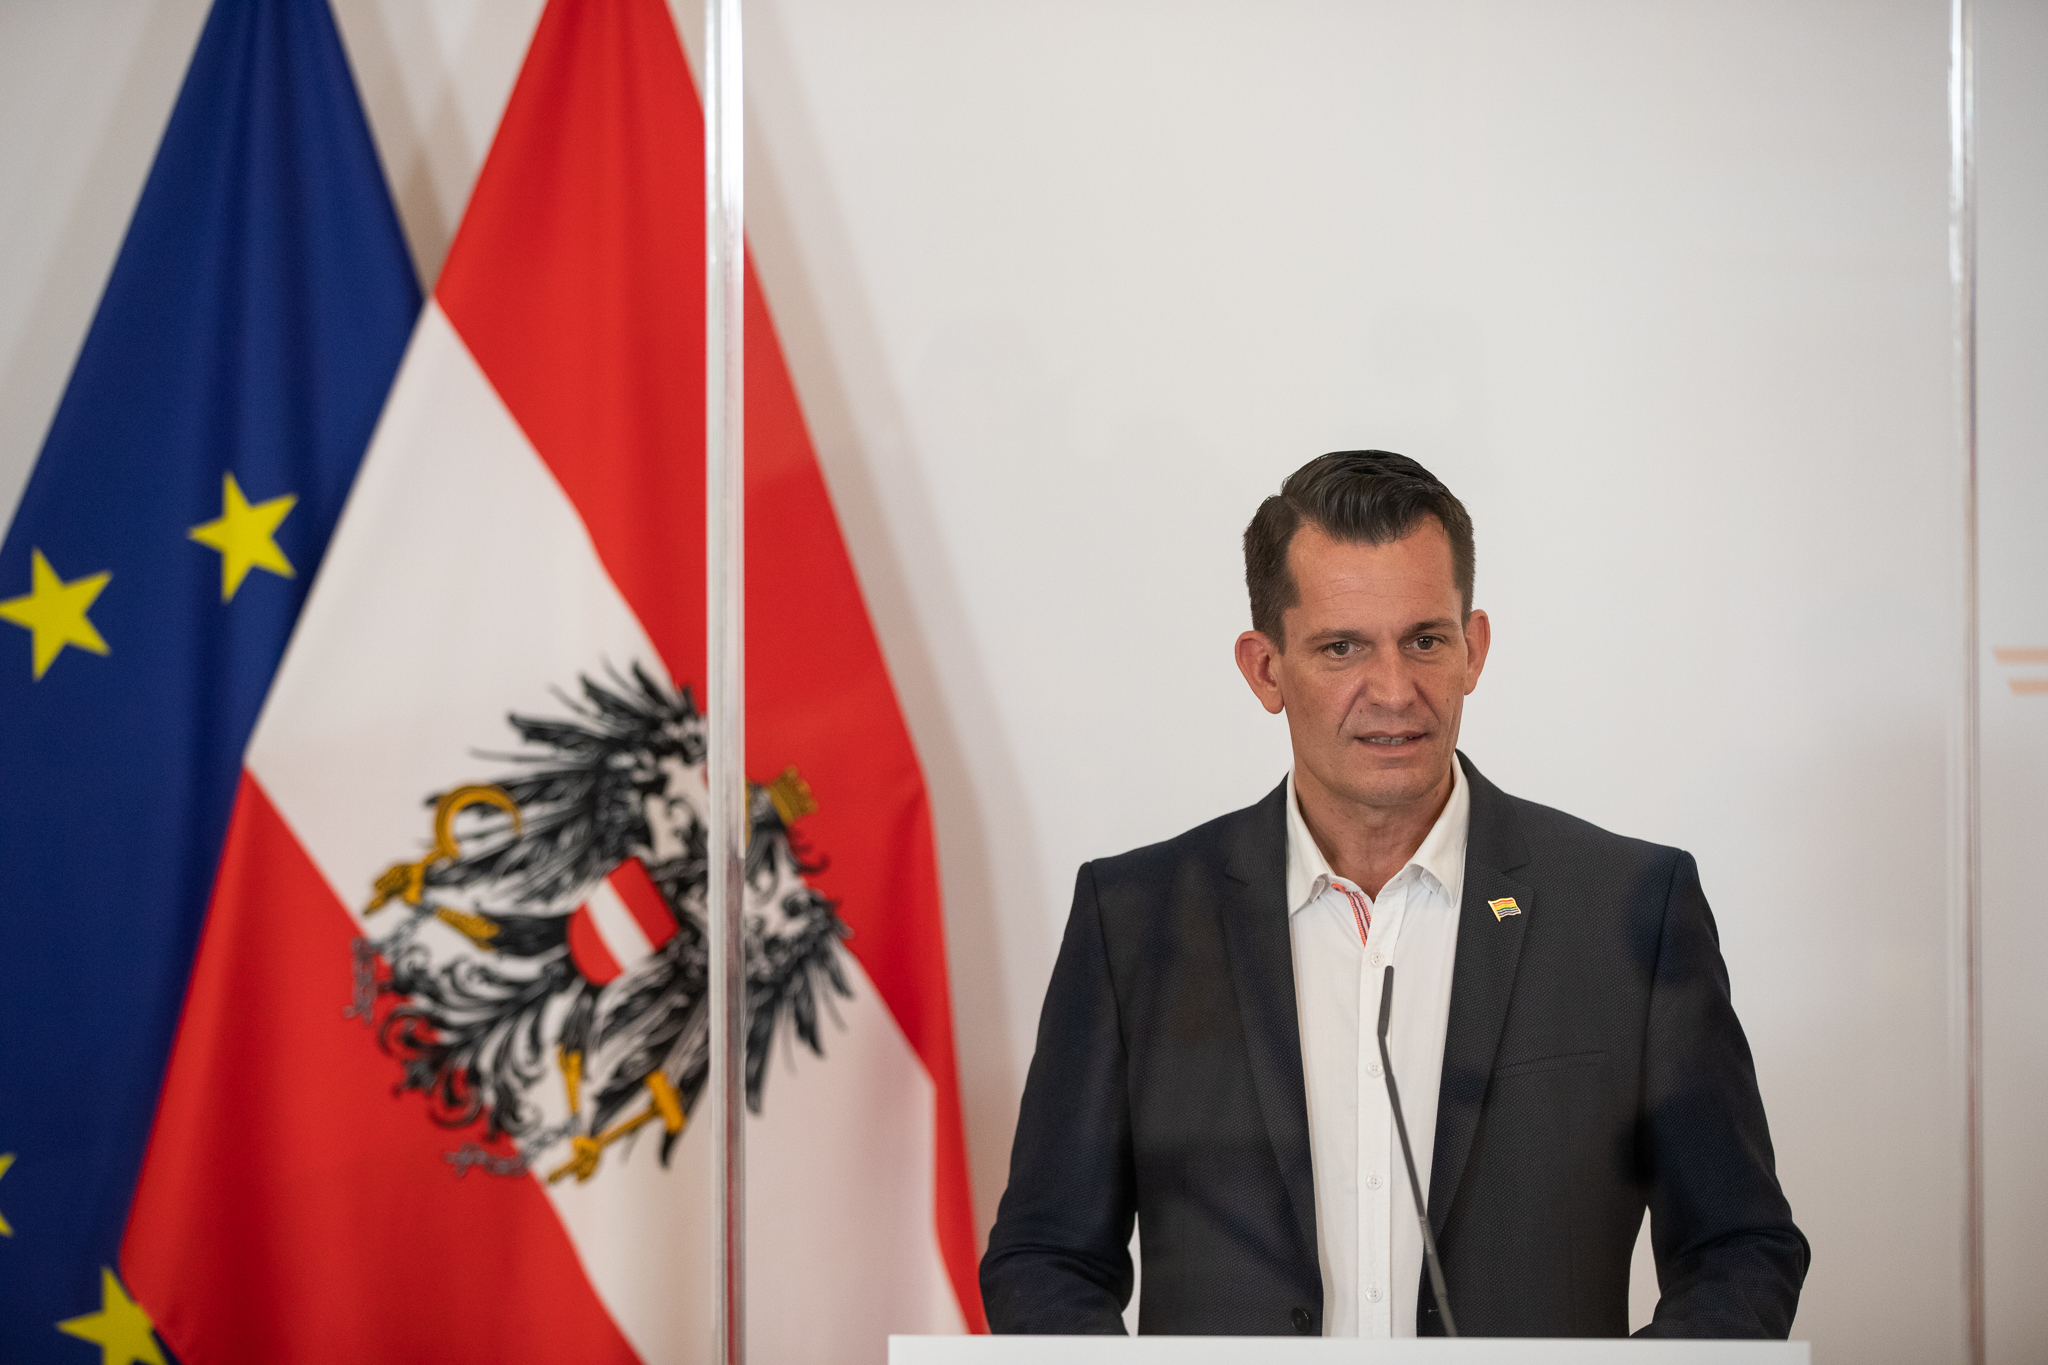 Ministar zdravstva Austrijancima: U Hrvatskoj prvi slučajevi gripe. Cijepiti se prije putovanja